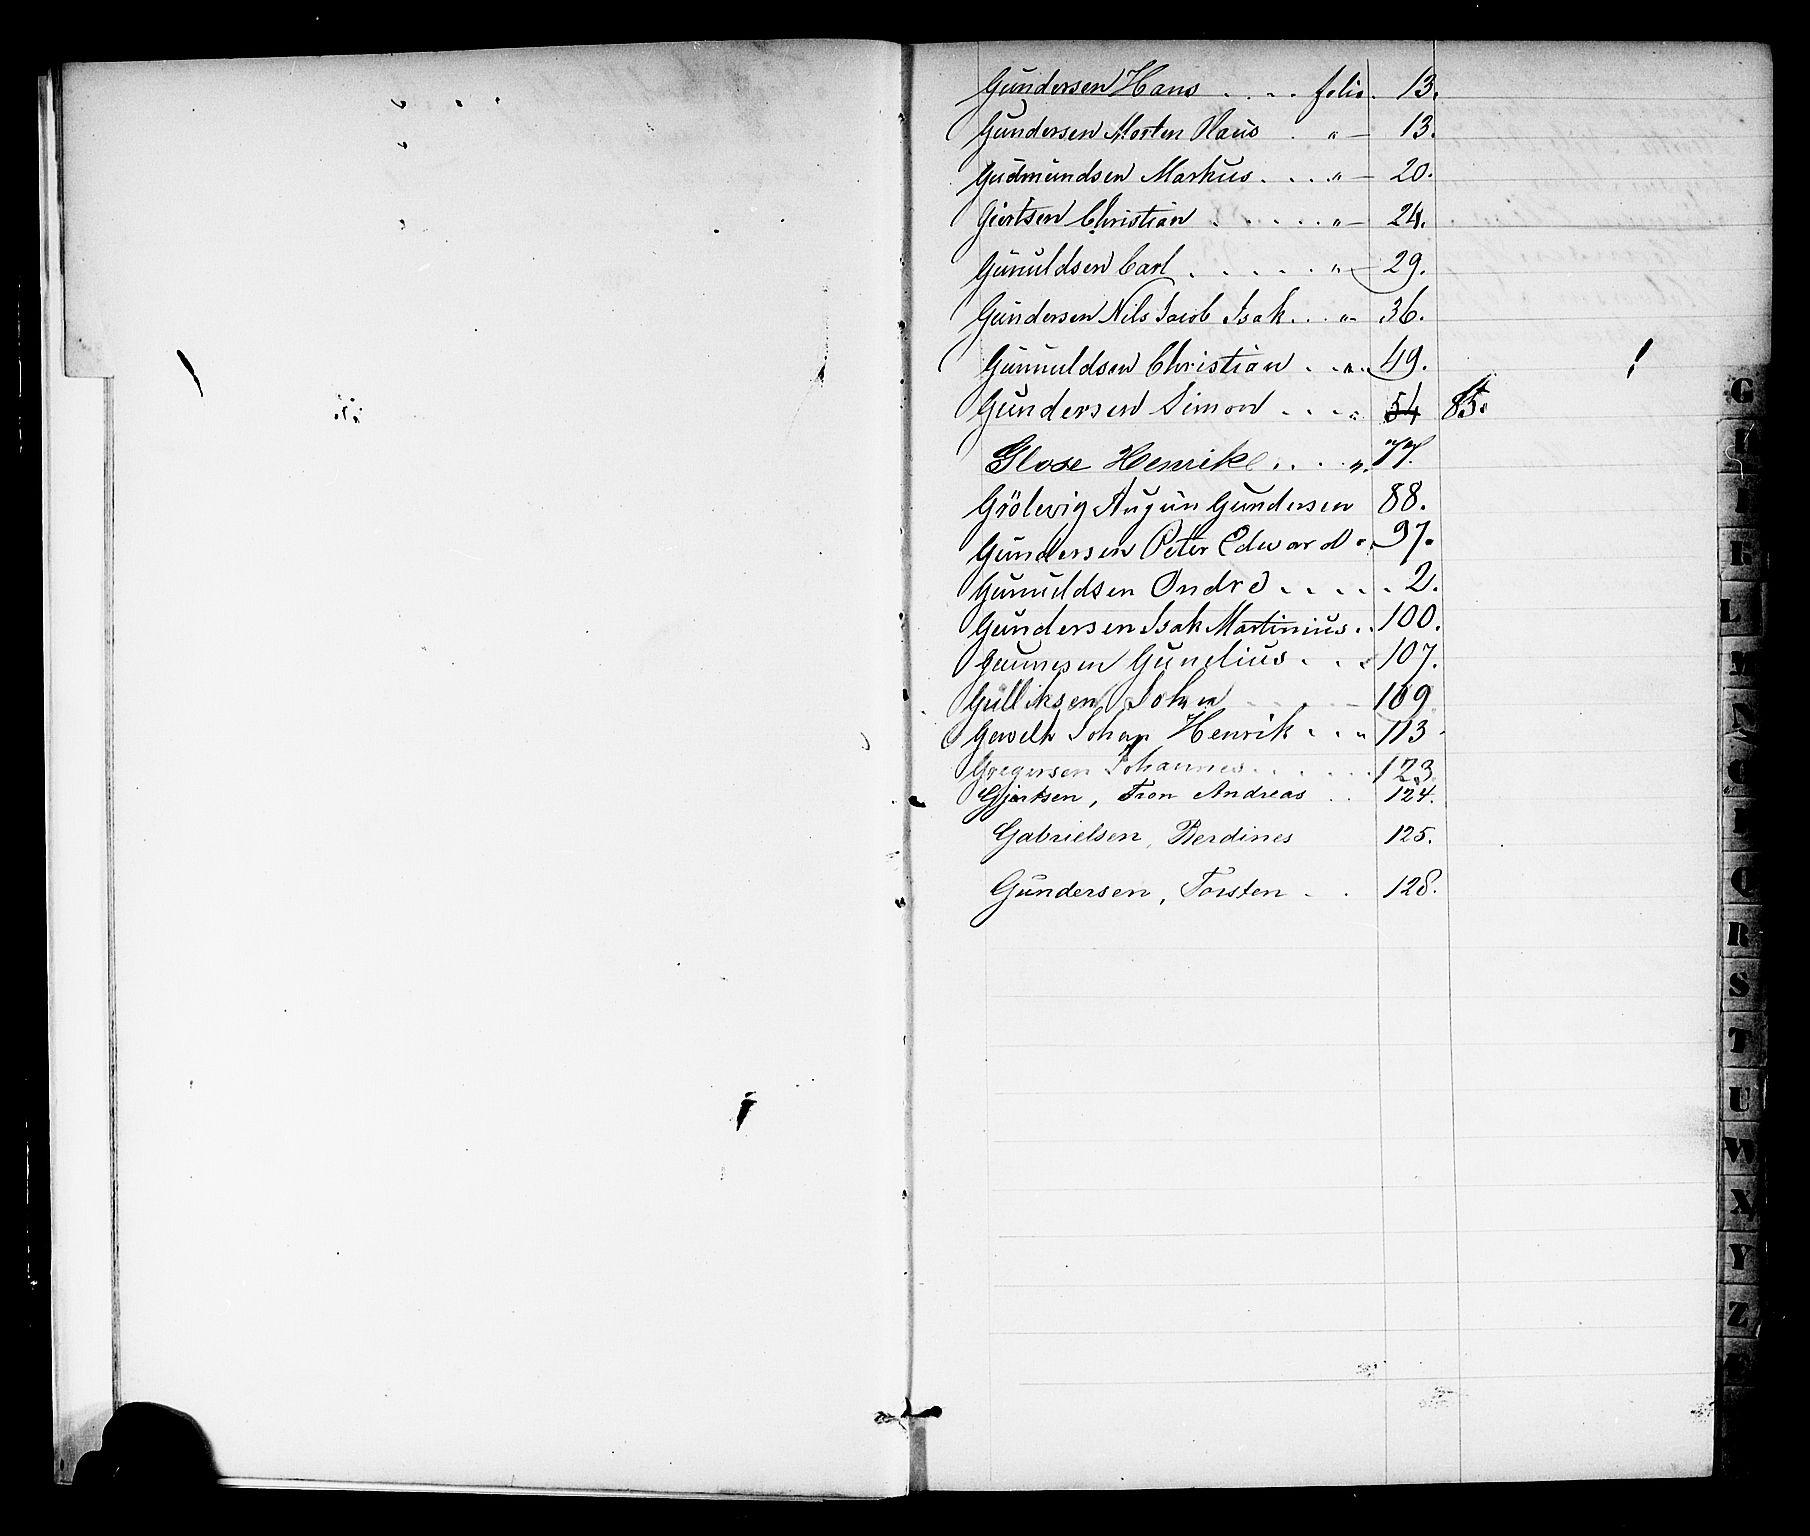 SAKO, Porsgrunn innrulleringskontor, F/Fb/L0001: Annotasjonsrulle, 1860-1868, s. 9